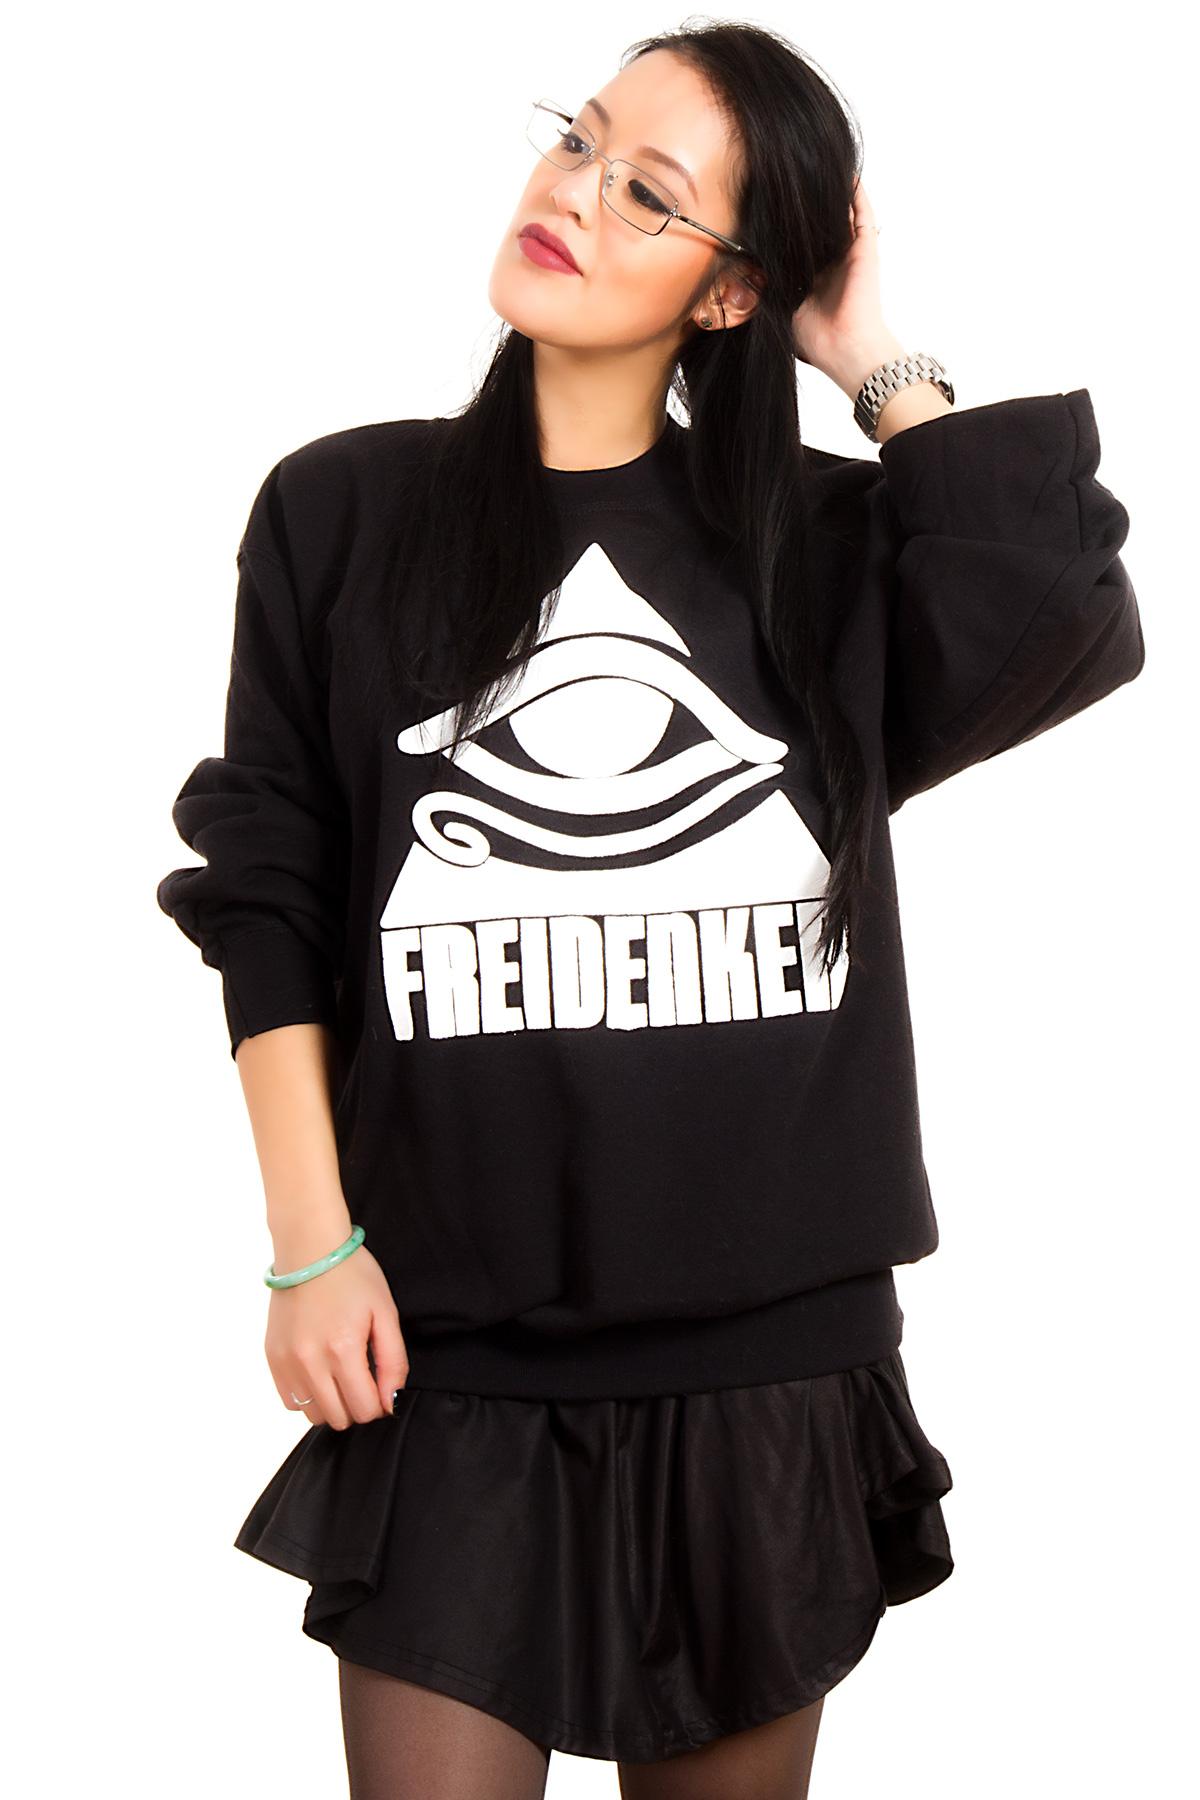 Hyori Feidenker für Zivilcourage Sweatshirt in Black for Women